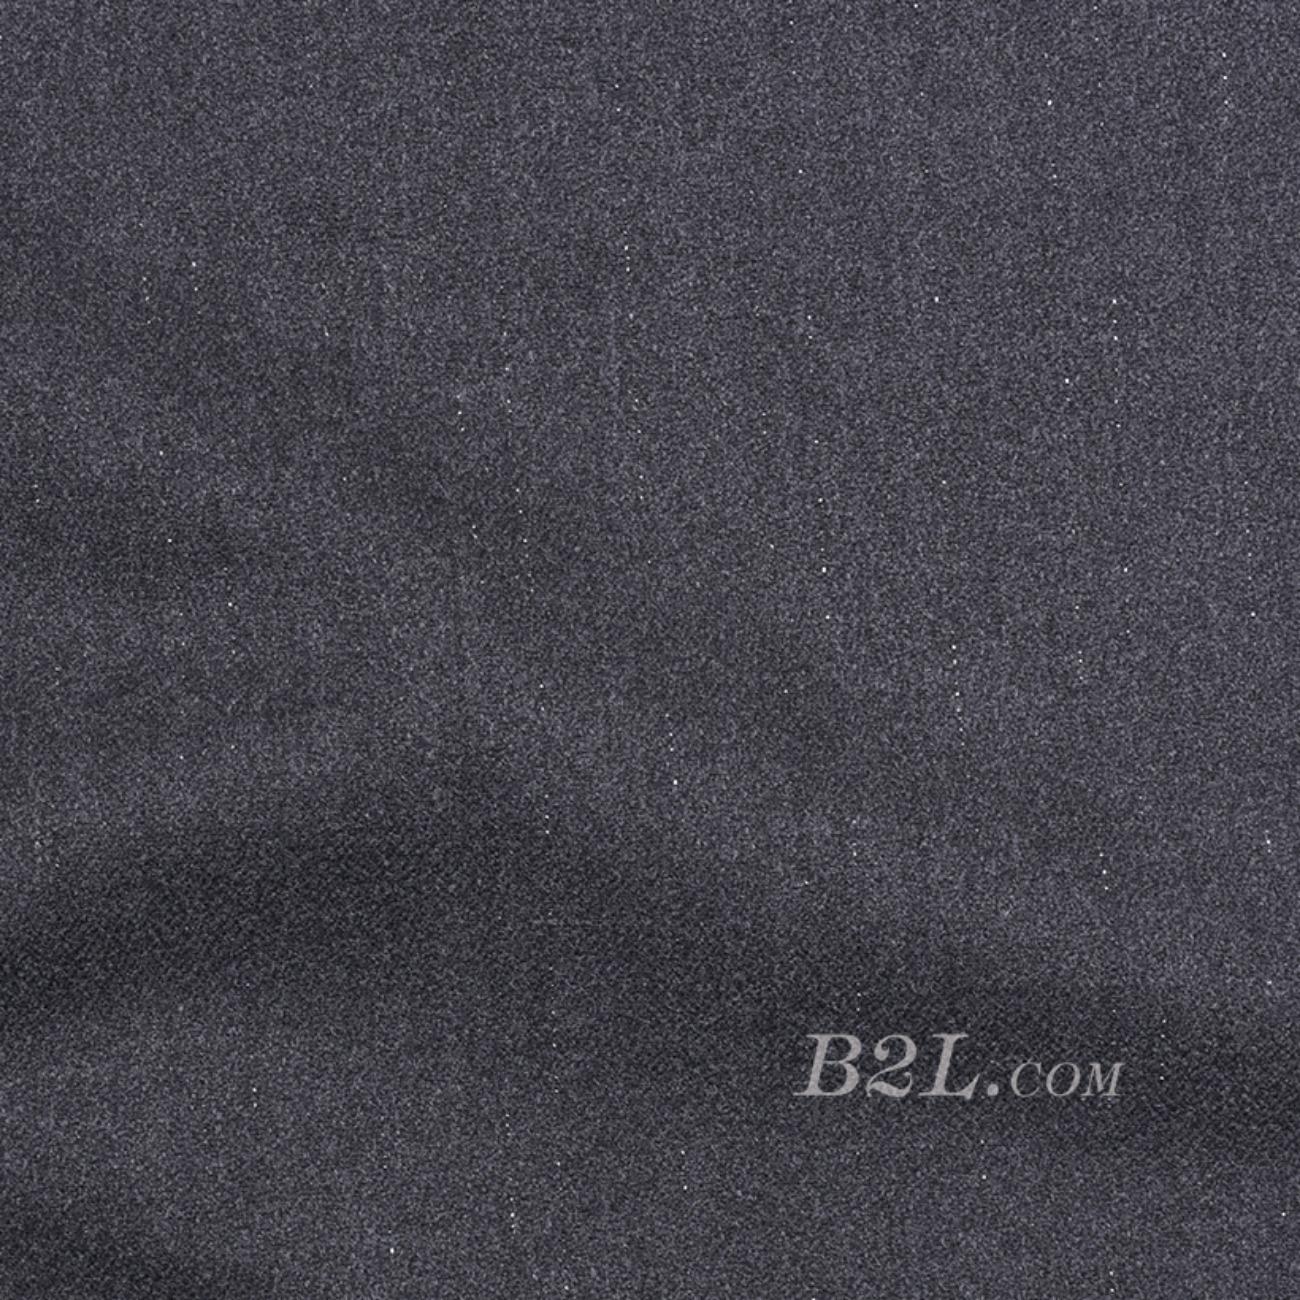 素色 梭织 染色 低弹 春秋 连衣裙 时装 外套 90308-10